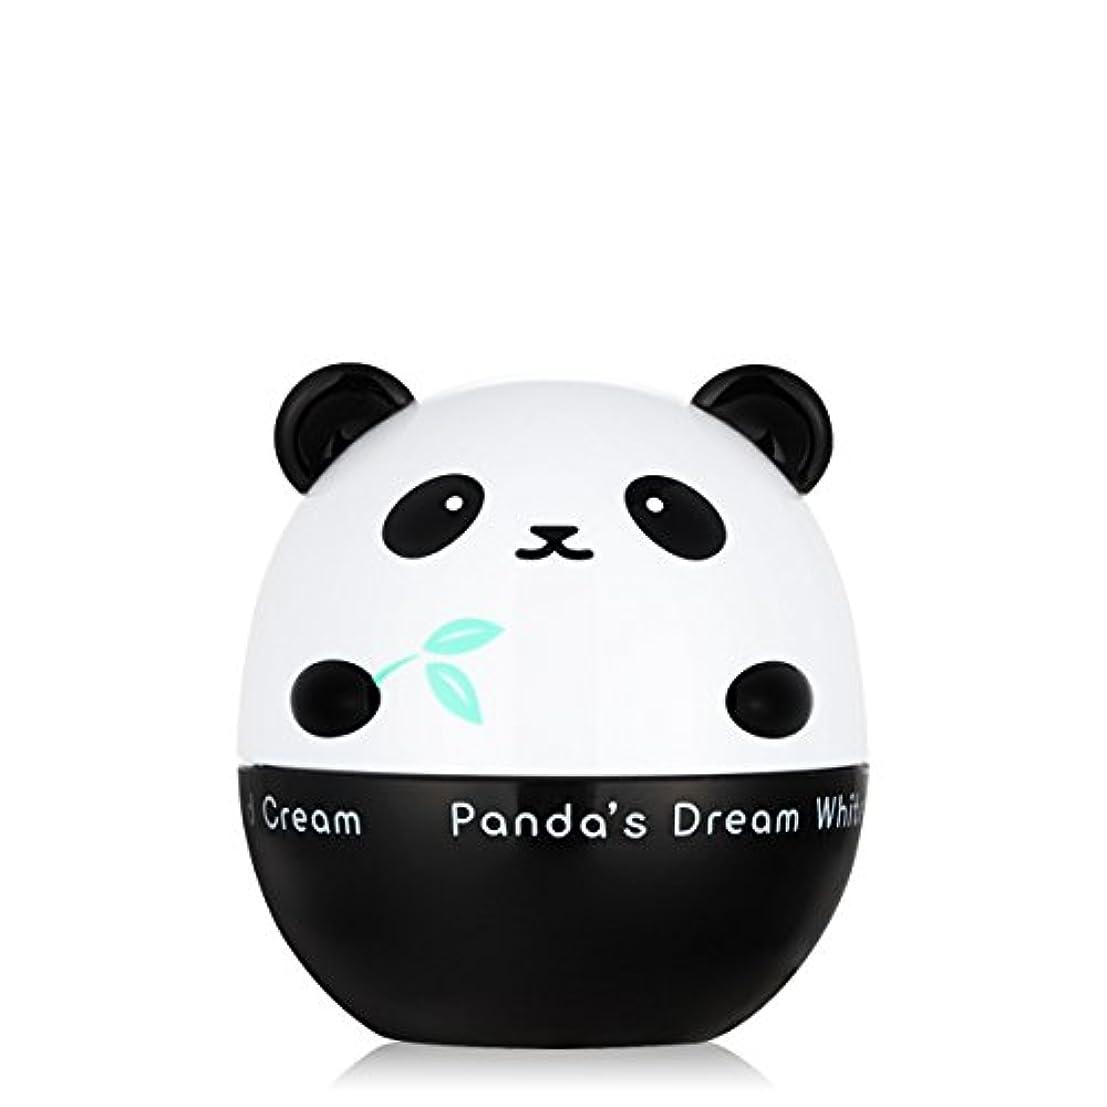 のために崩壊以上[1+1] TONY MOLY Panda's Dream White Magic Cream 50g/ トニーモリーパンダーズドリームホワイトマジッククリーム 50g [並行輸入品]